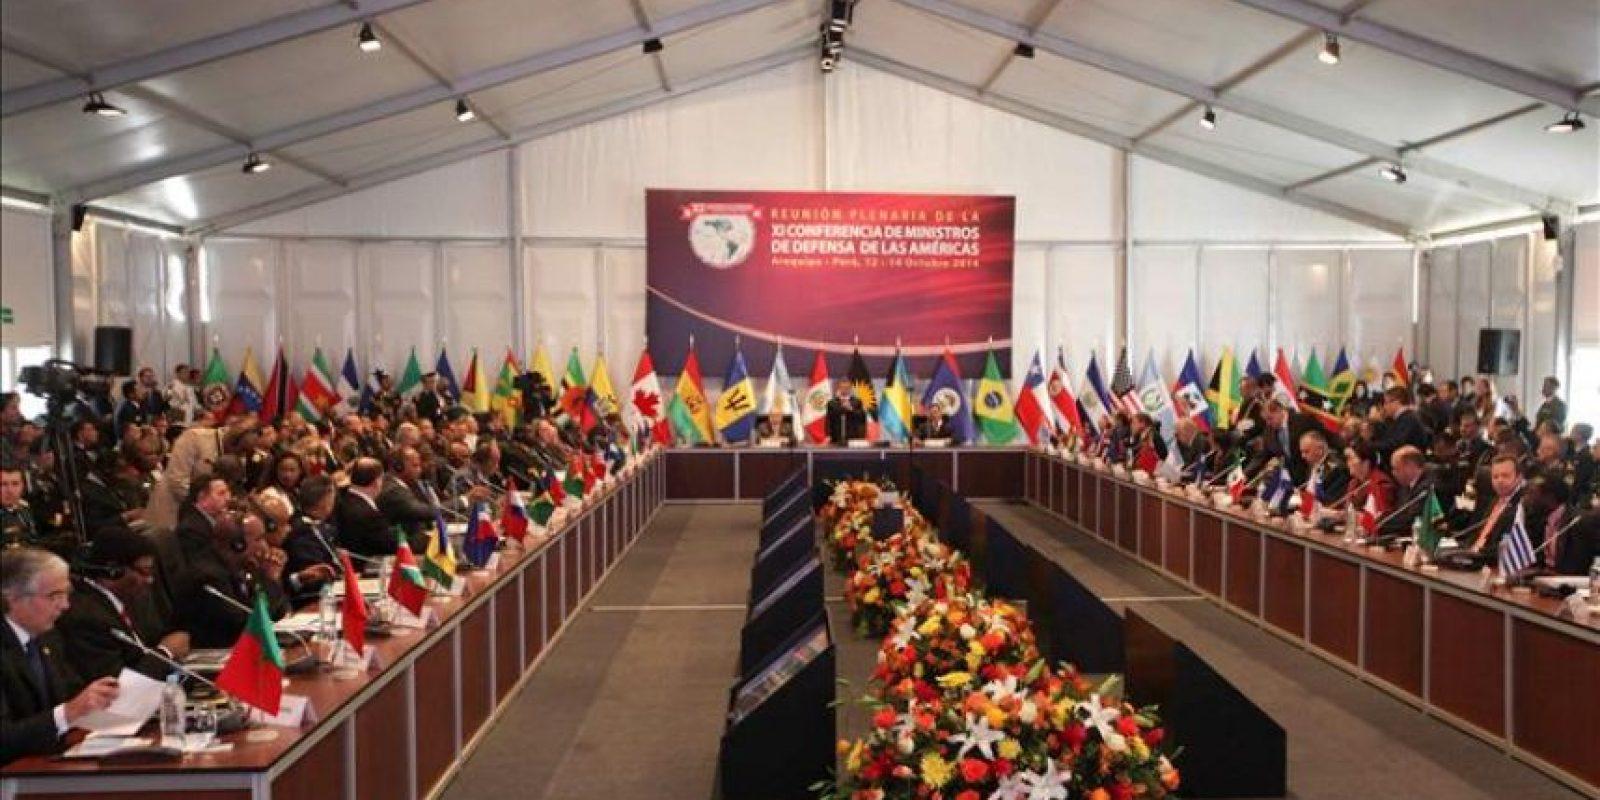 Al inicio de la jornada, el anfitrión de la reunión, el ministro peruano de Defensa, Pedro Cateriano, expresó su solidaridad con El Salvador por el terremoto de magnitud 7,3 en la escala de Richter que sacudió anoche el país centroamericano y causó al menos un muerto. EFE